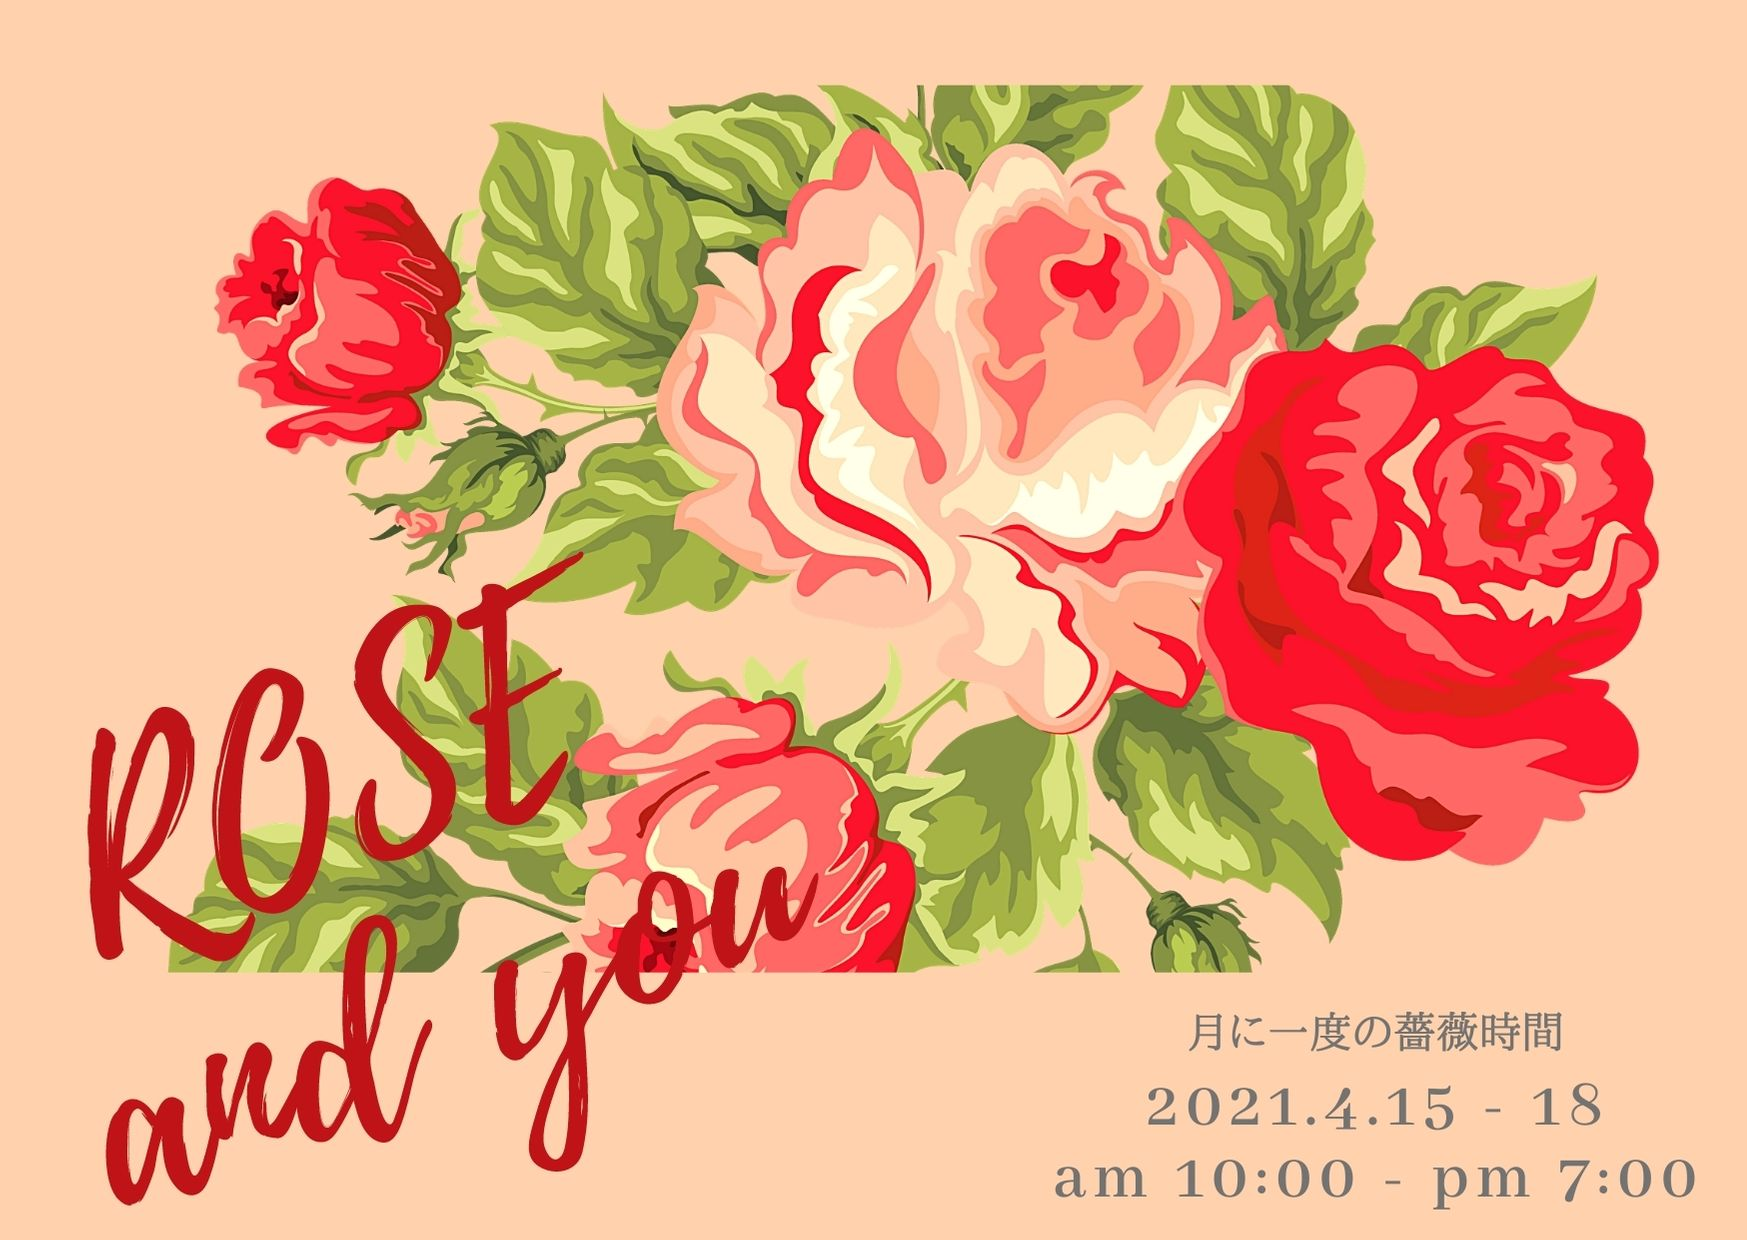 4月15日,16日,17日,18日/ROSE and you